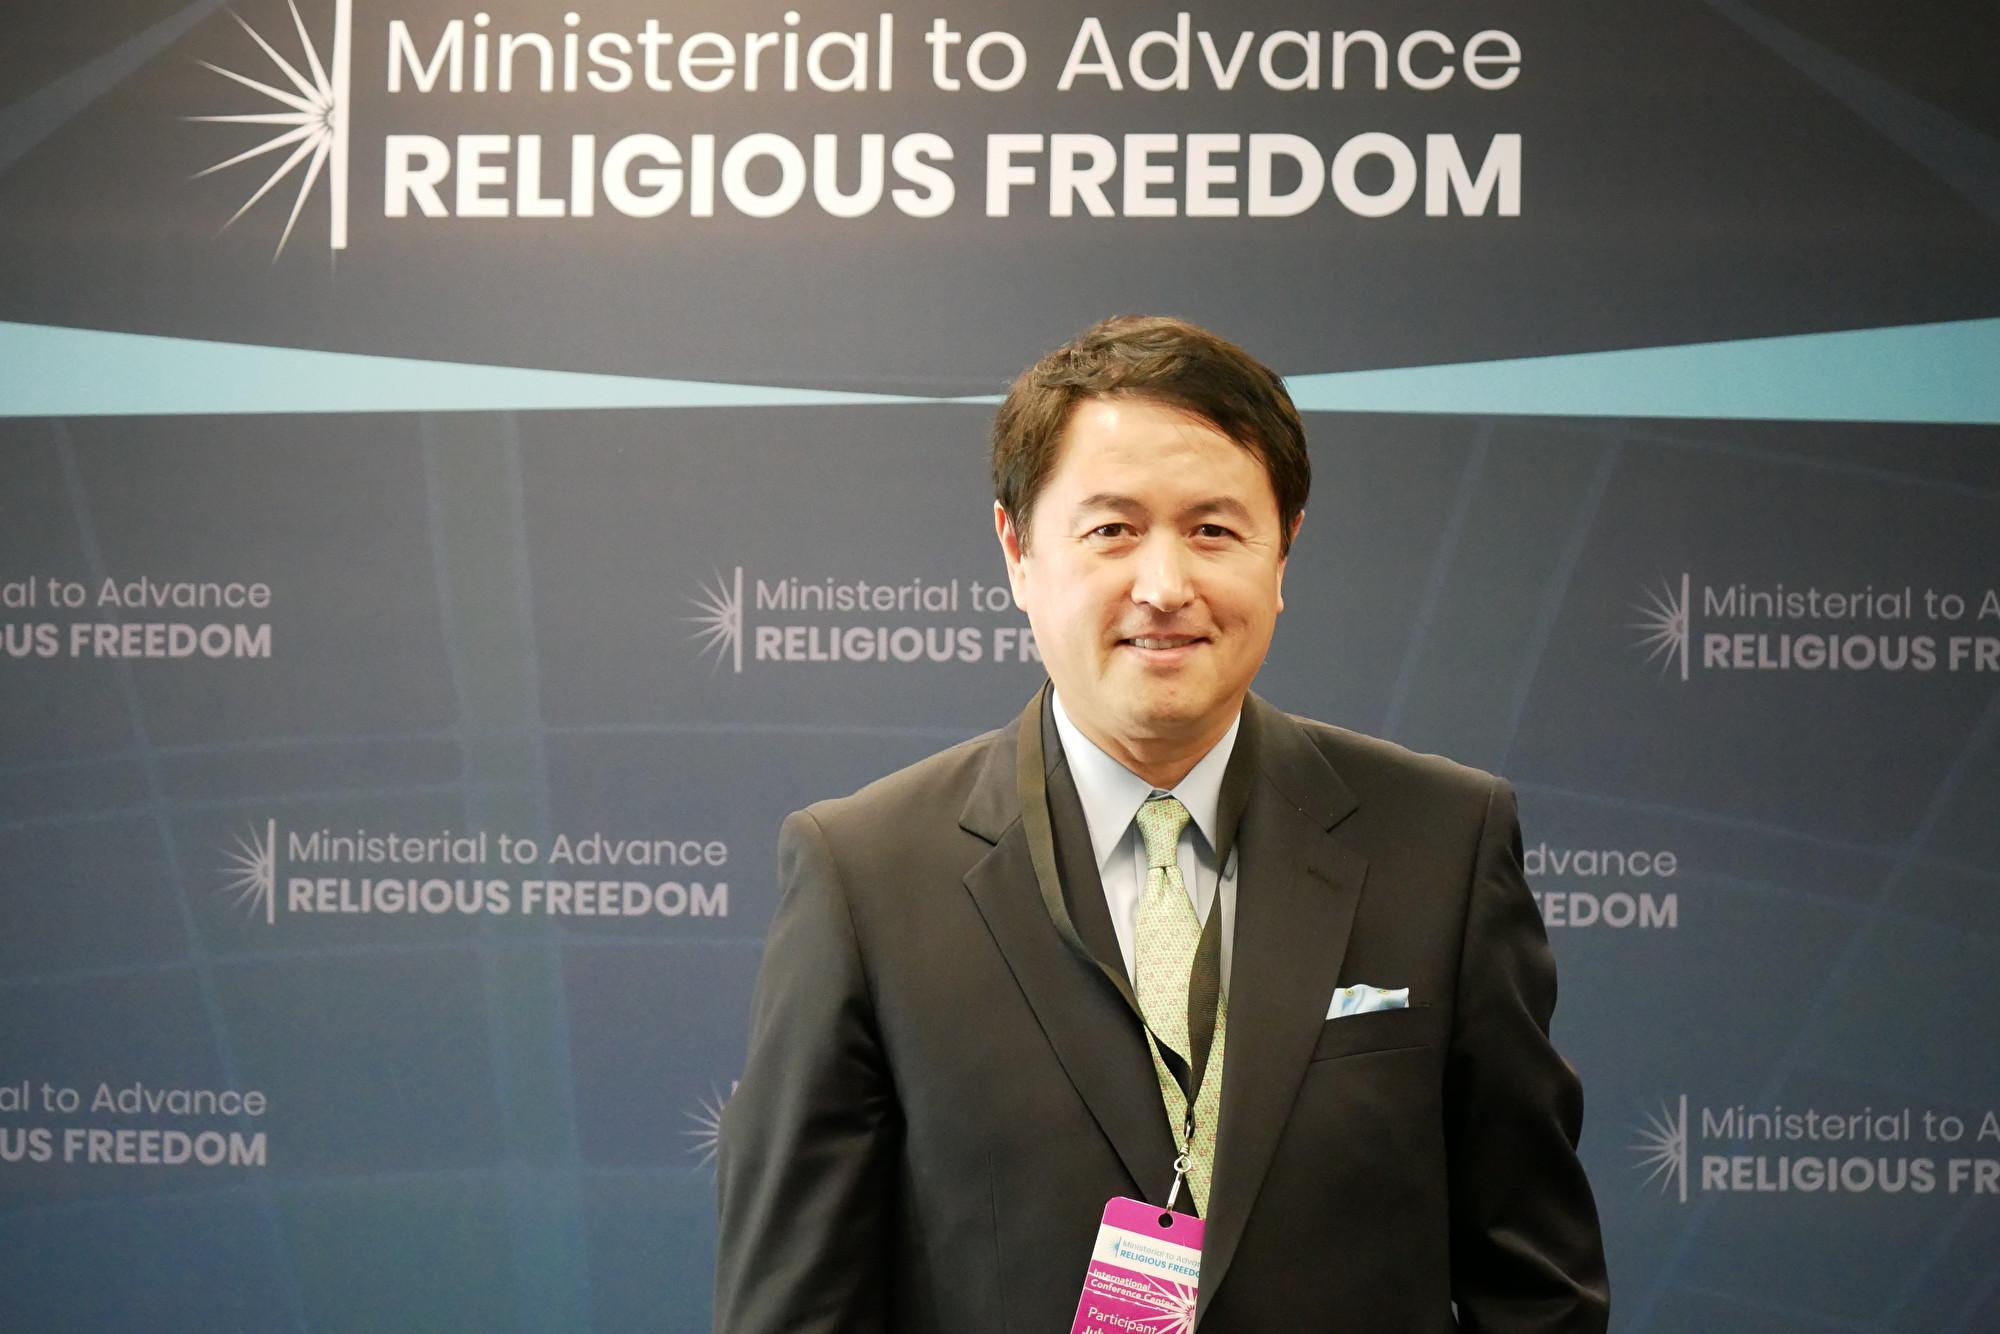 2019年7月16日,法輪功發言人張而平受邀參加在美國國務院舉行的推進宗教自由部長級會議。(李辰/大紀元)